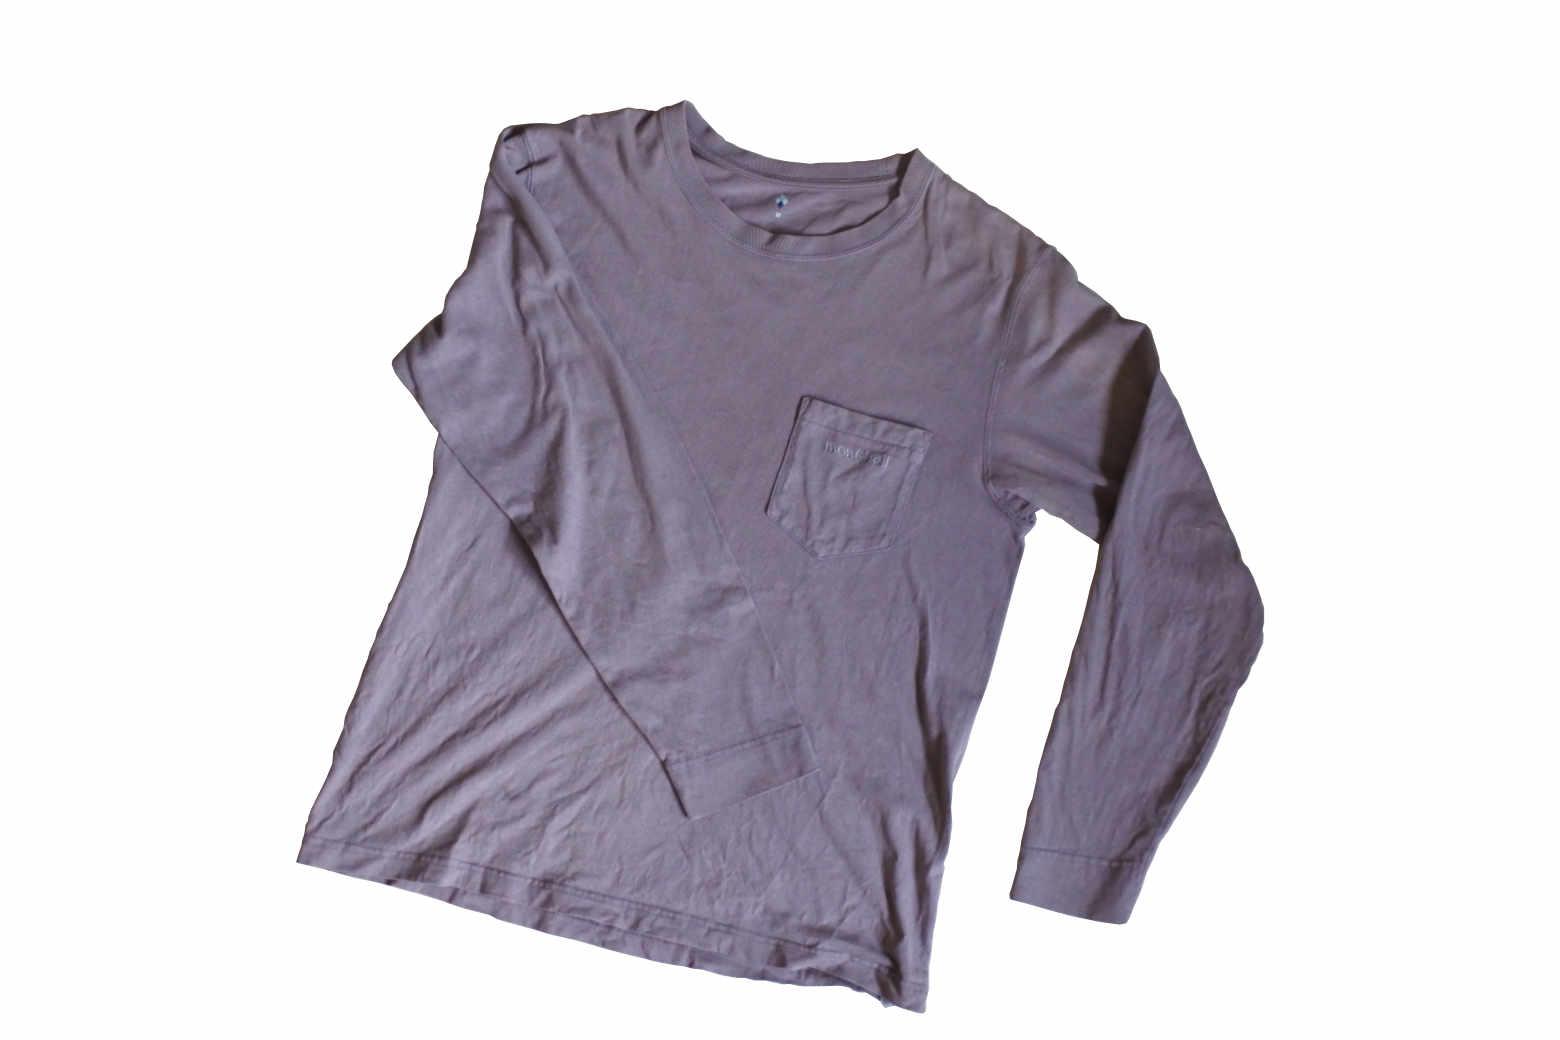 モンベルのウォッシュアウト ペアスキンコットンの長袖Tシャツ【インプレ】